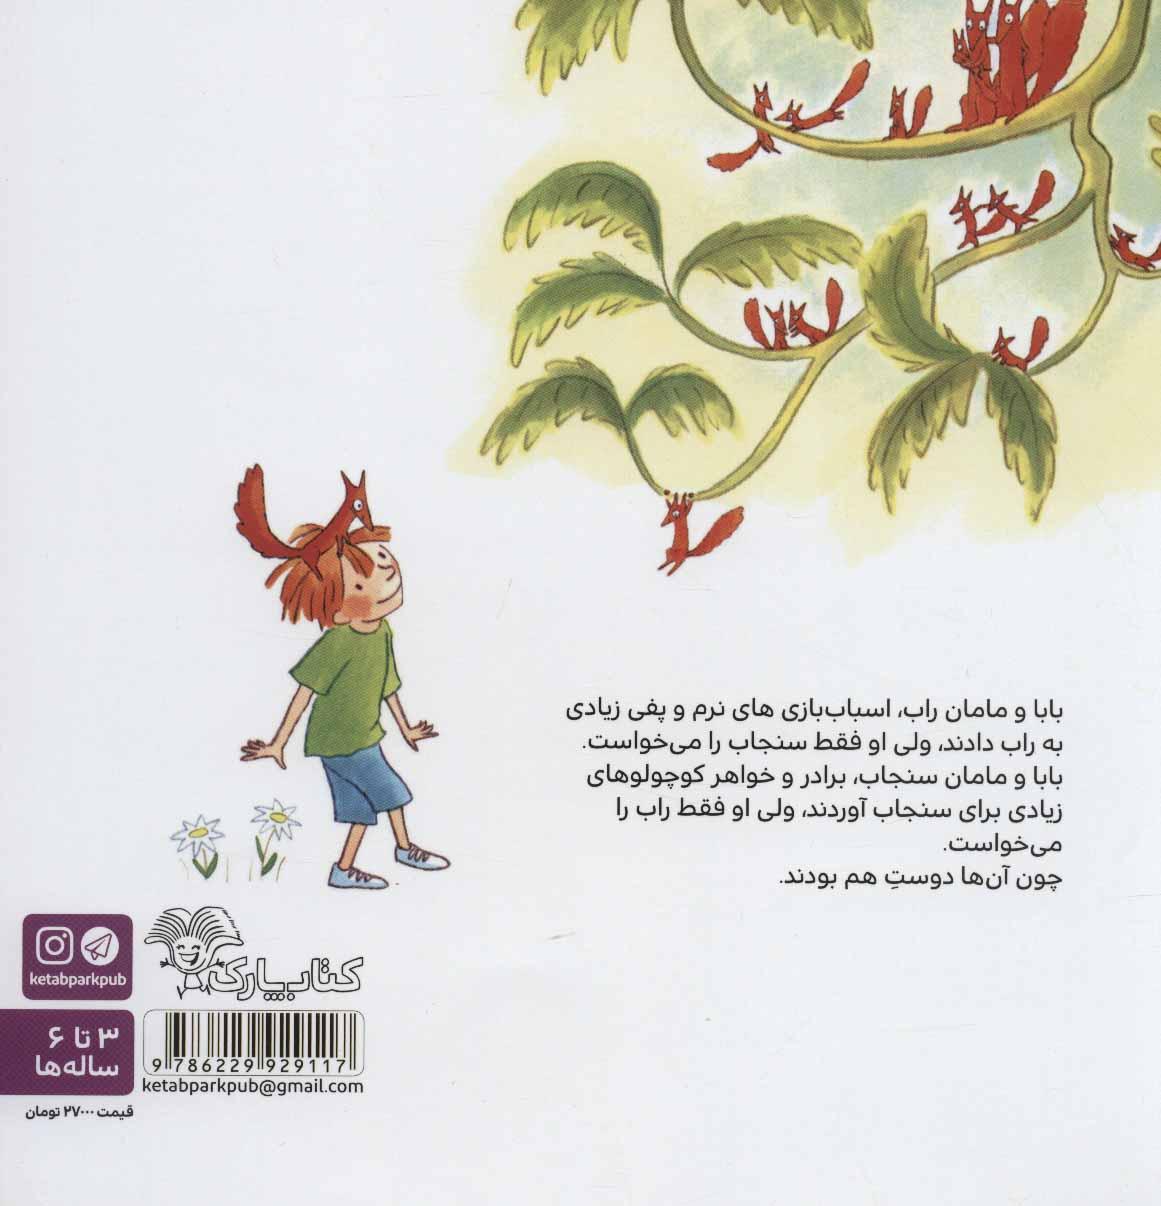 قصه های رنگین کمان 5 (راب و سنجاب)